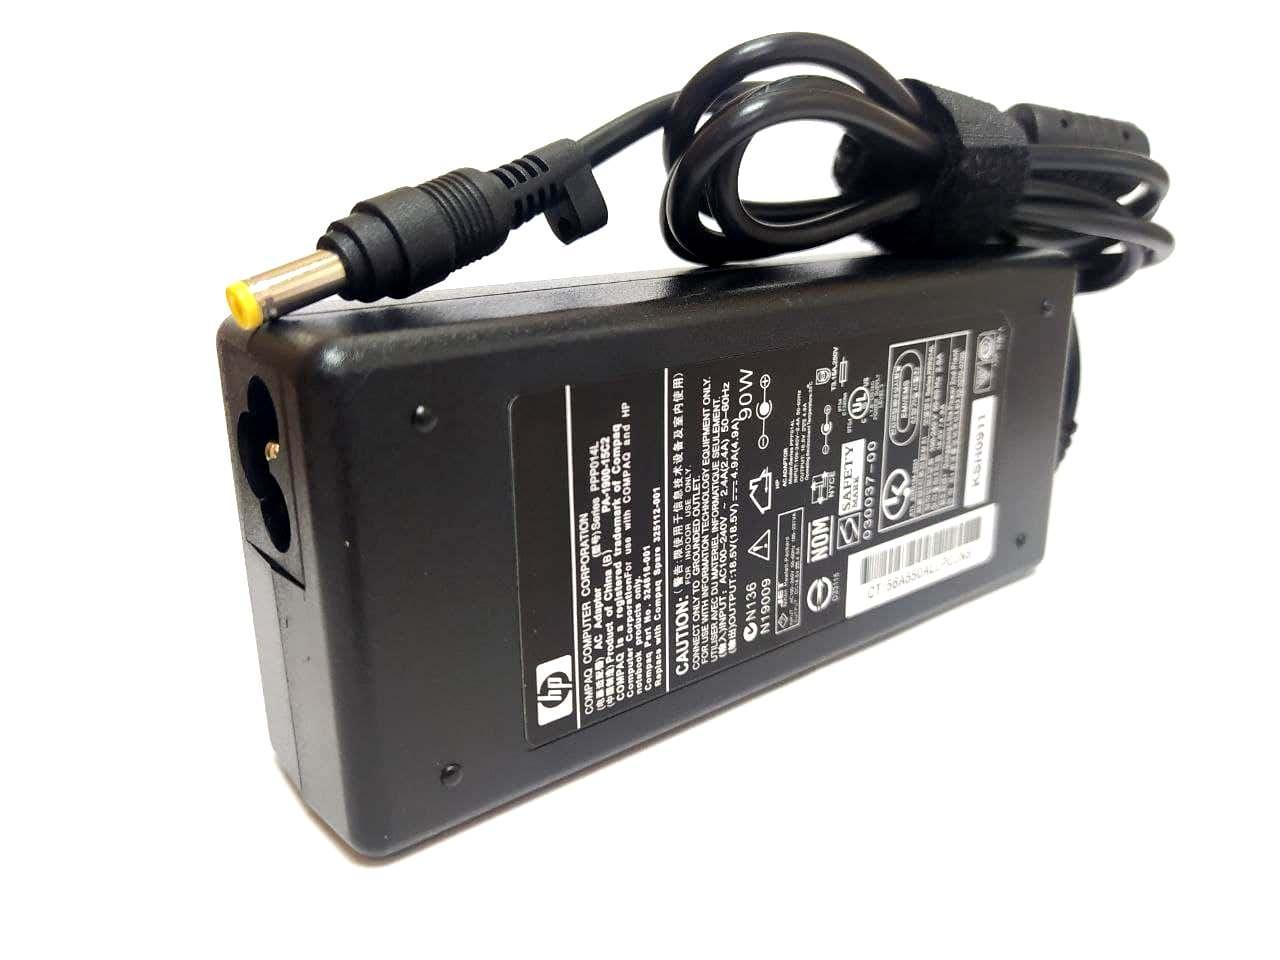 Блок питания для ноутбука HP Pavilion dv6500t 18.5V 4.9A 4.8*1.7mm 90W